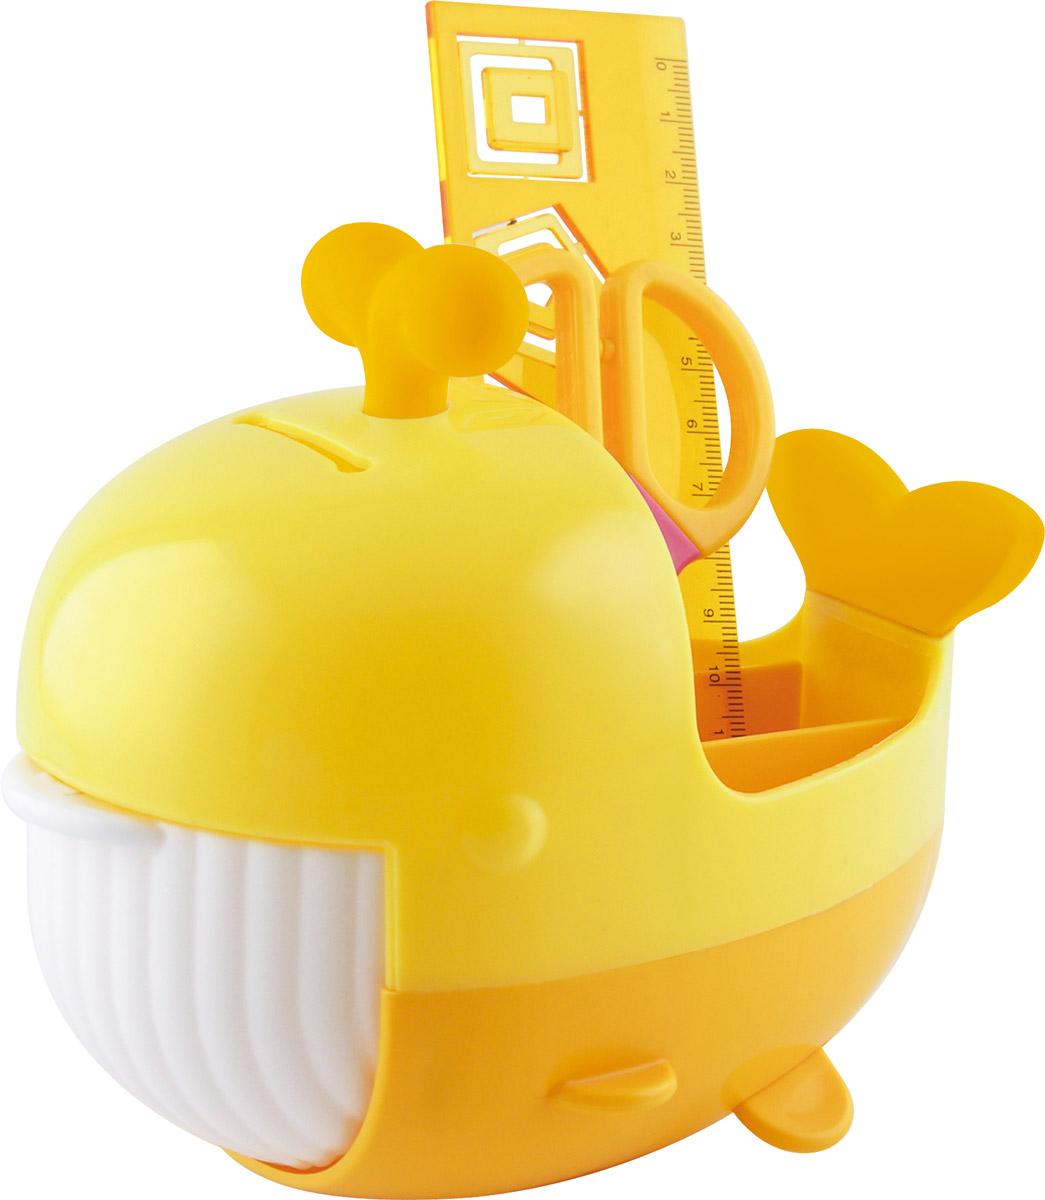 Brauberg Канцелярский набор Кит цвет желтый оранжевый 4 предмета231935_желтый,оранжевыйКанцелярский набор Brauberg Кит выполнен из высококачественного яркого пластика и позволяет практично, удобно и оригинально организовать место для учебы и развлечений ребенка. Подставка для канцелярских принадлежностей выполнена в виде кита с открывающейся пастью, внутри которой располагается дополнительное отделение для хранения. Хвост кита и фонтанчик на его голове являются съемными ластиками. В набор также входят сантиметровая линейка с вырубками-трафаретами в виде геометрических фигур, безопасные ножницы, ластик, канцелярские скрепки. Необычный канцелярский набор понравится любому школьнику и сделает учебу более интересной.